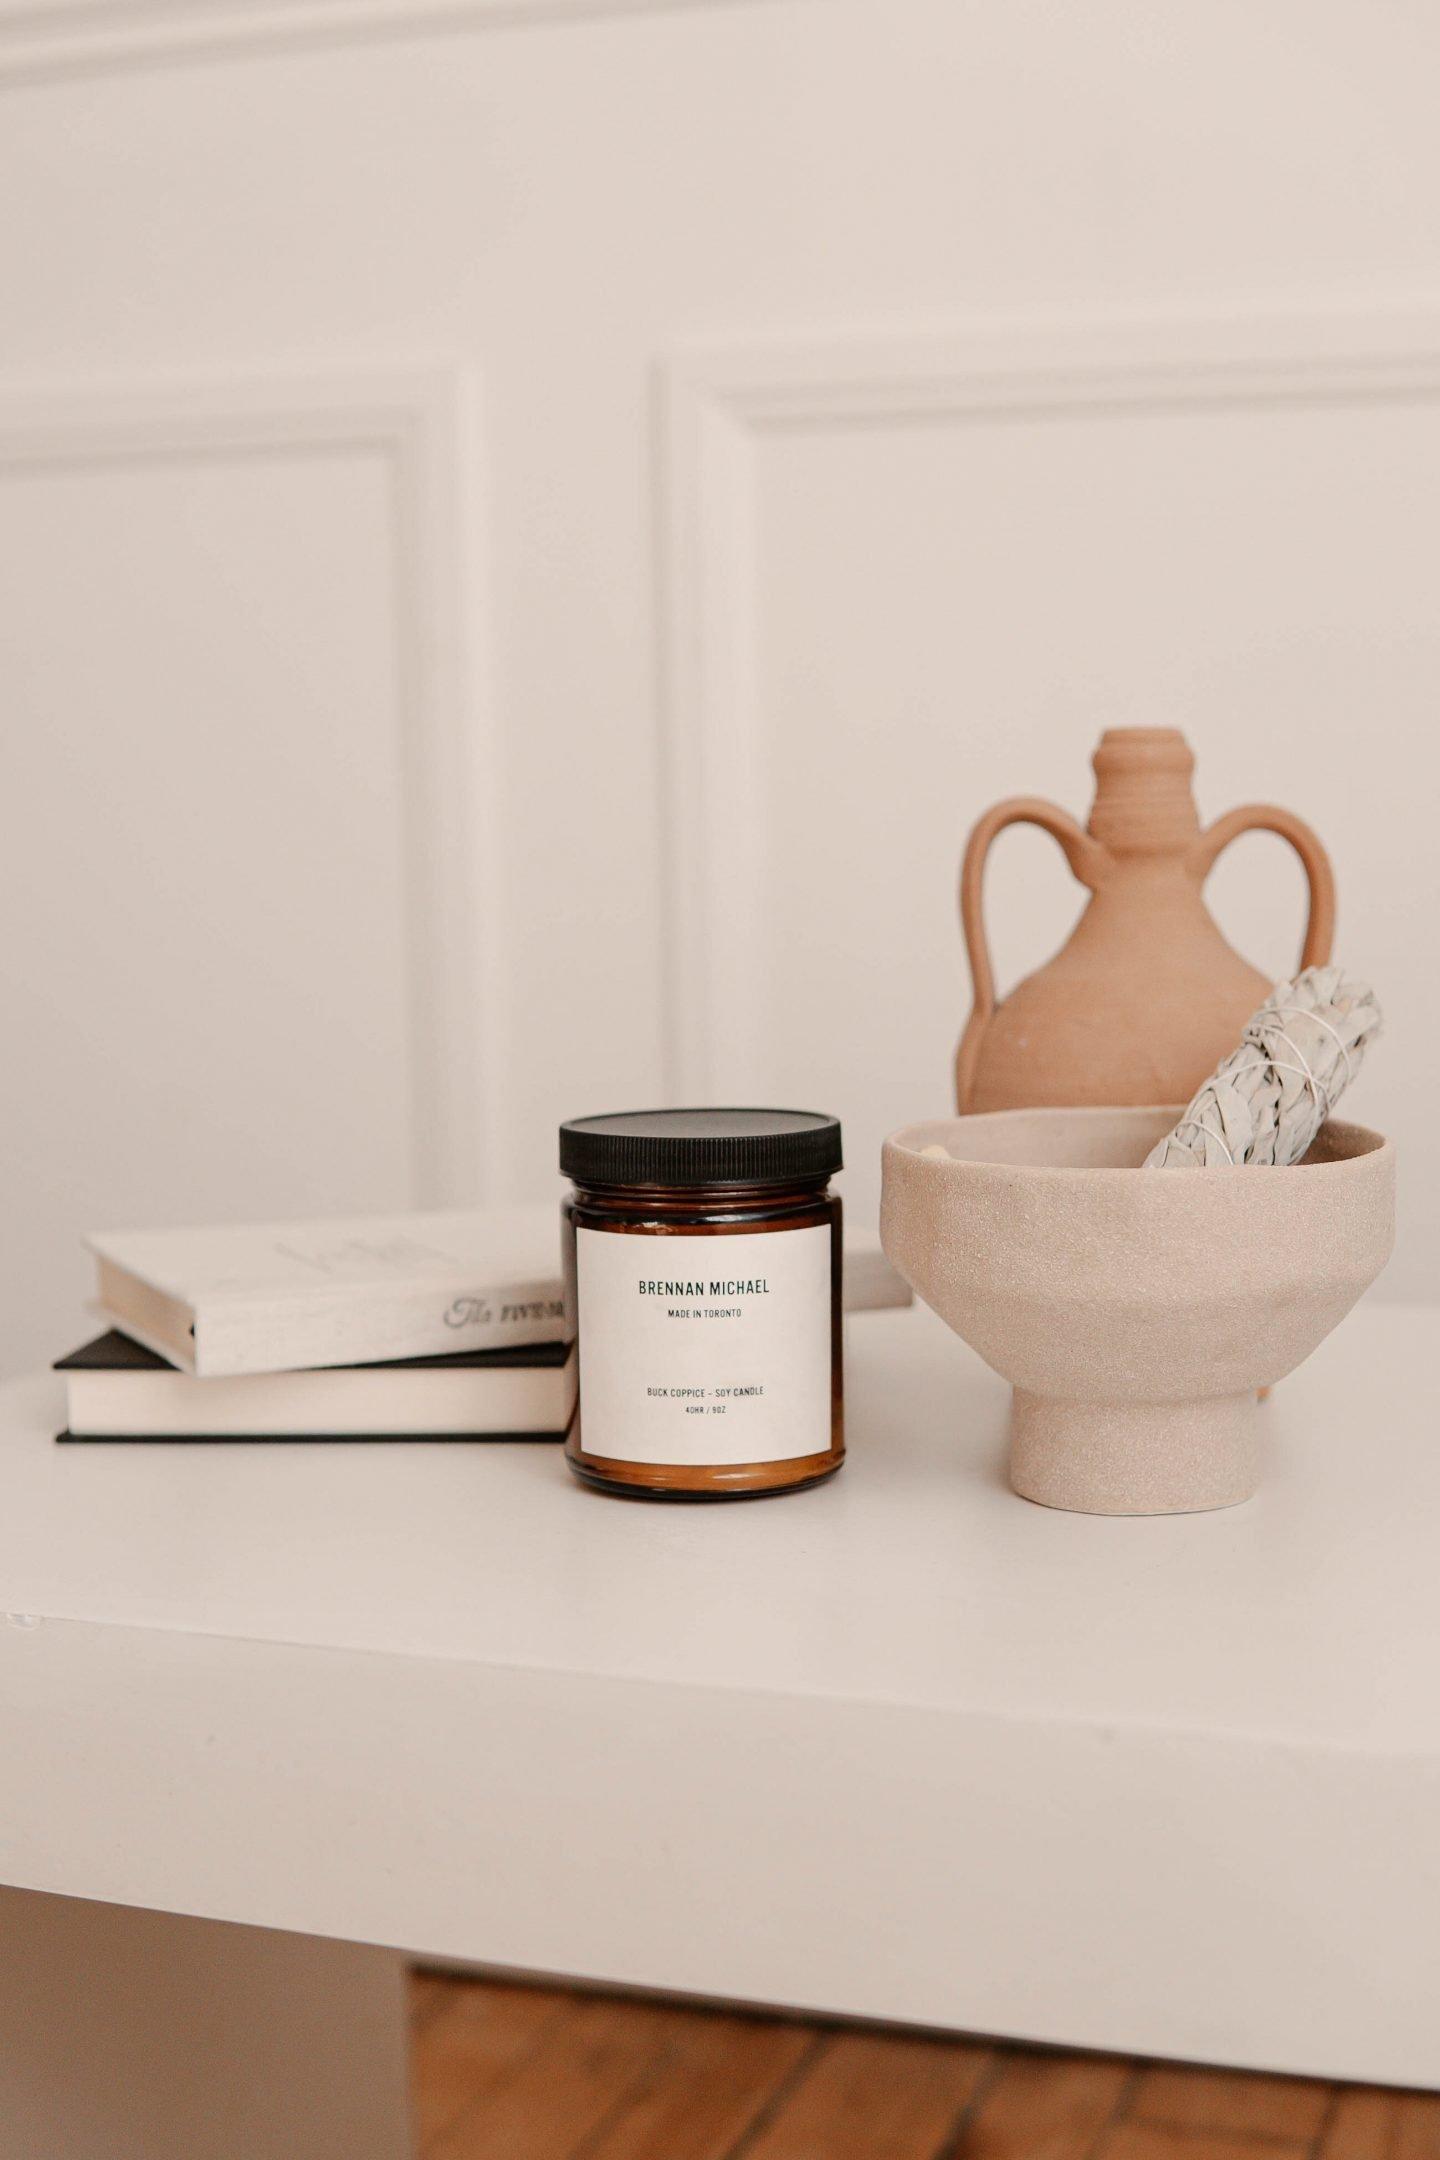 Venta Online, Beauty Box y Productos Ecológicos